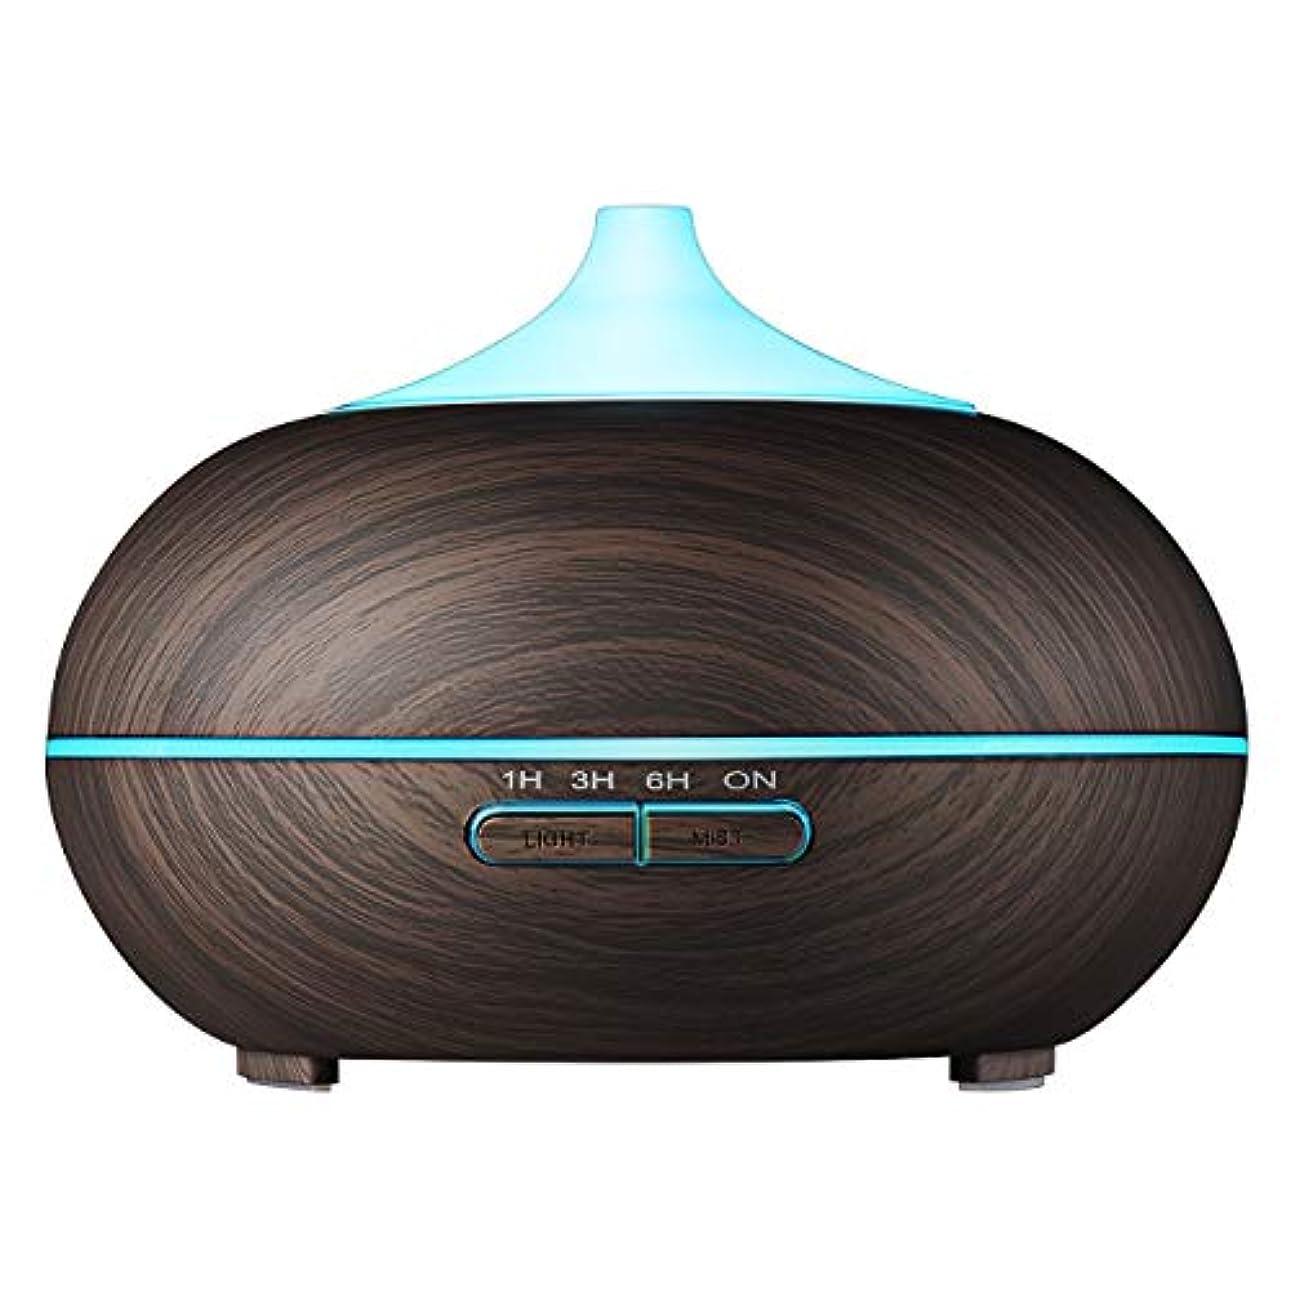 戻る立証するペストVicTsing 300 ml Aromatherapy Essential Oil Diffuser、超音波クールなミスト加湿器with 14 – カラーLEDライト、木目デザイン